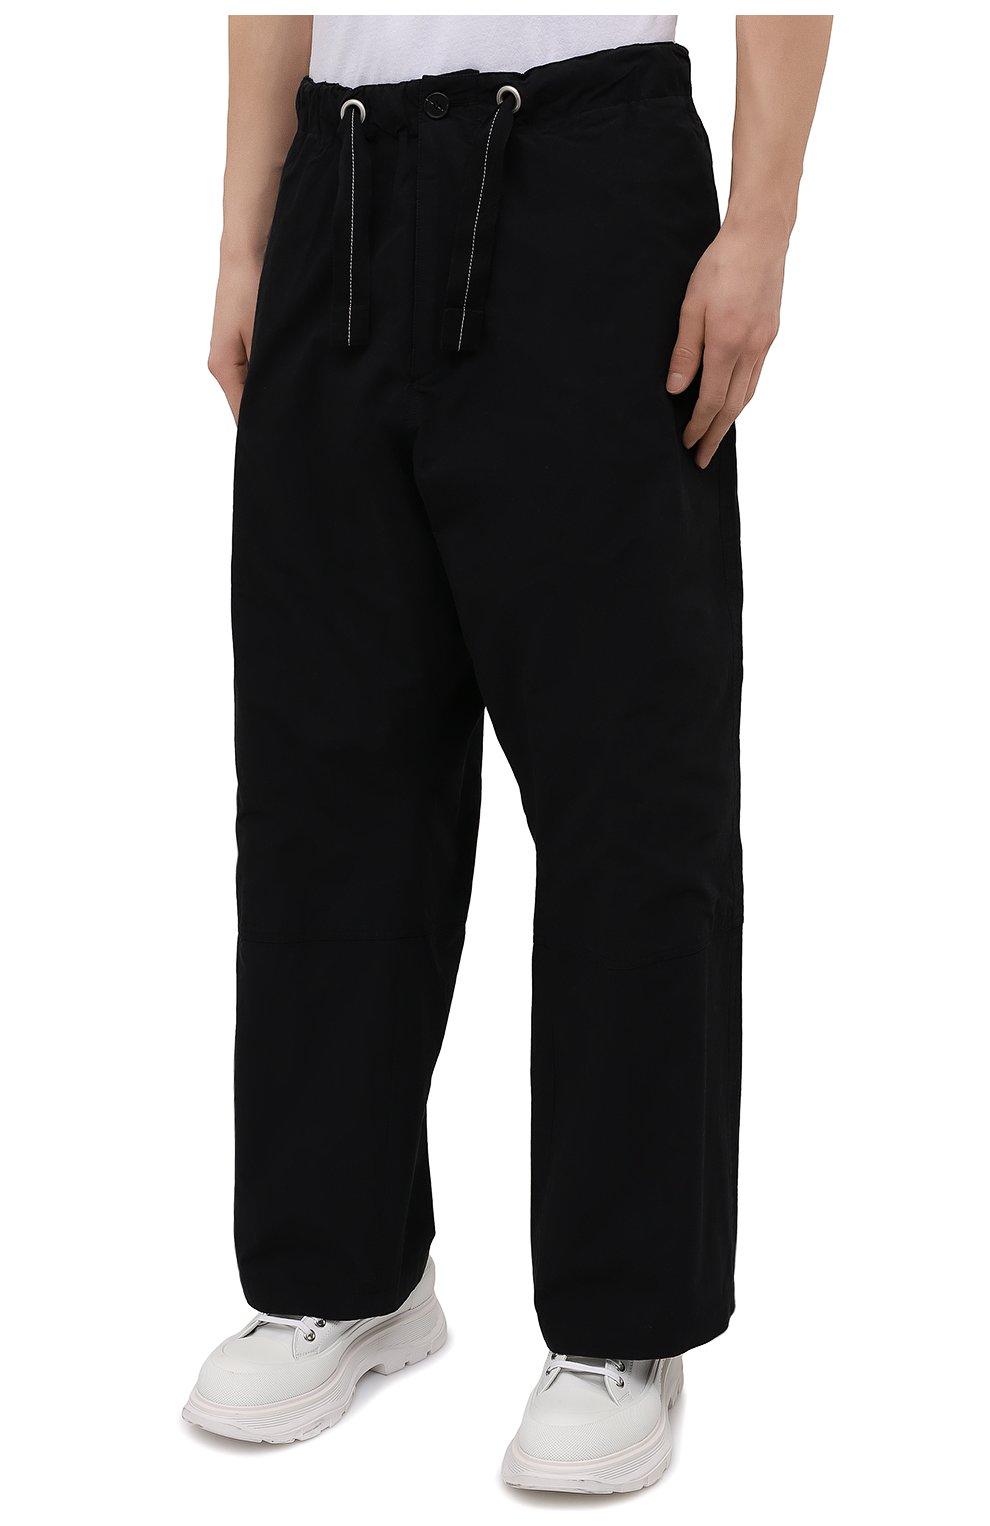 Мужские хлопковые брюки OAMC черного цвета, арт. 0AMS310833 0S240700   Фото 3 (Длина (брюки, джинсы): Стандартные; Случай: Повседневный; Материал внешний: Хлопок; Стили: Минимализм; Материал подклада: Хлопок)